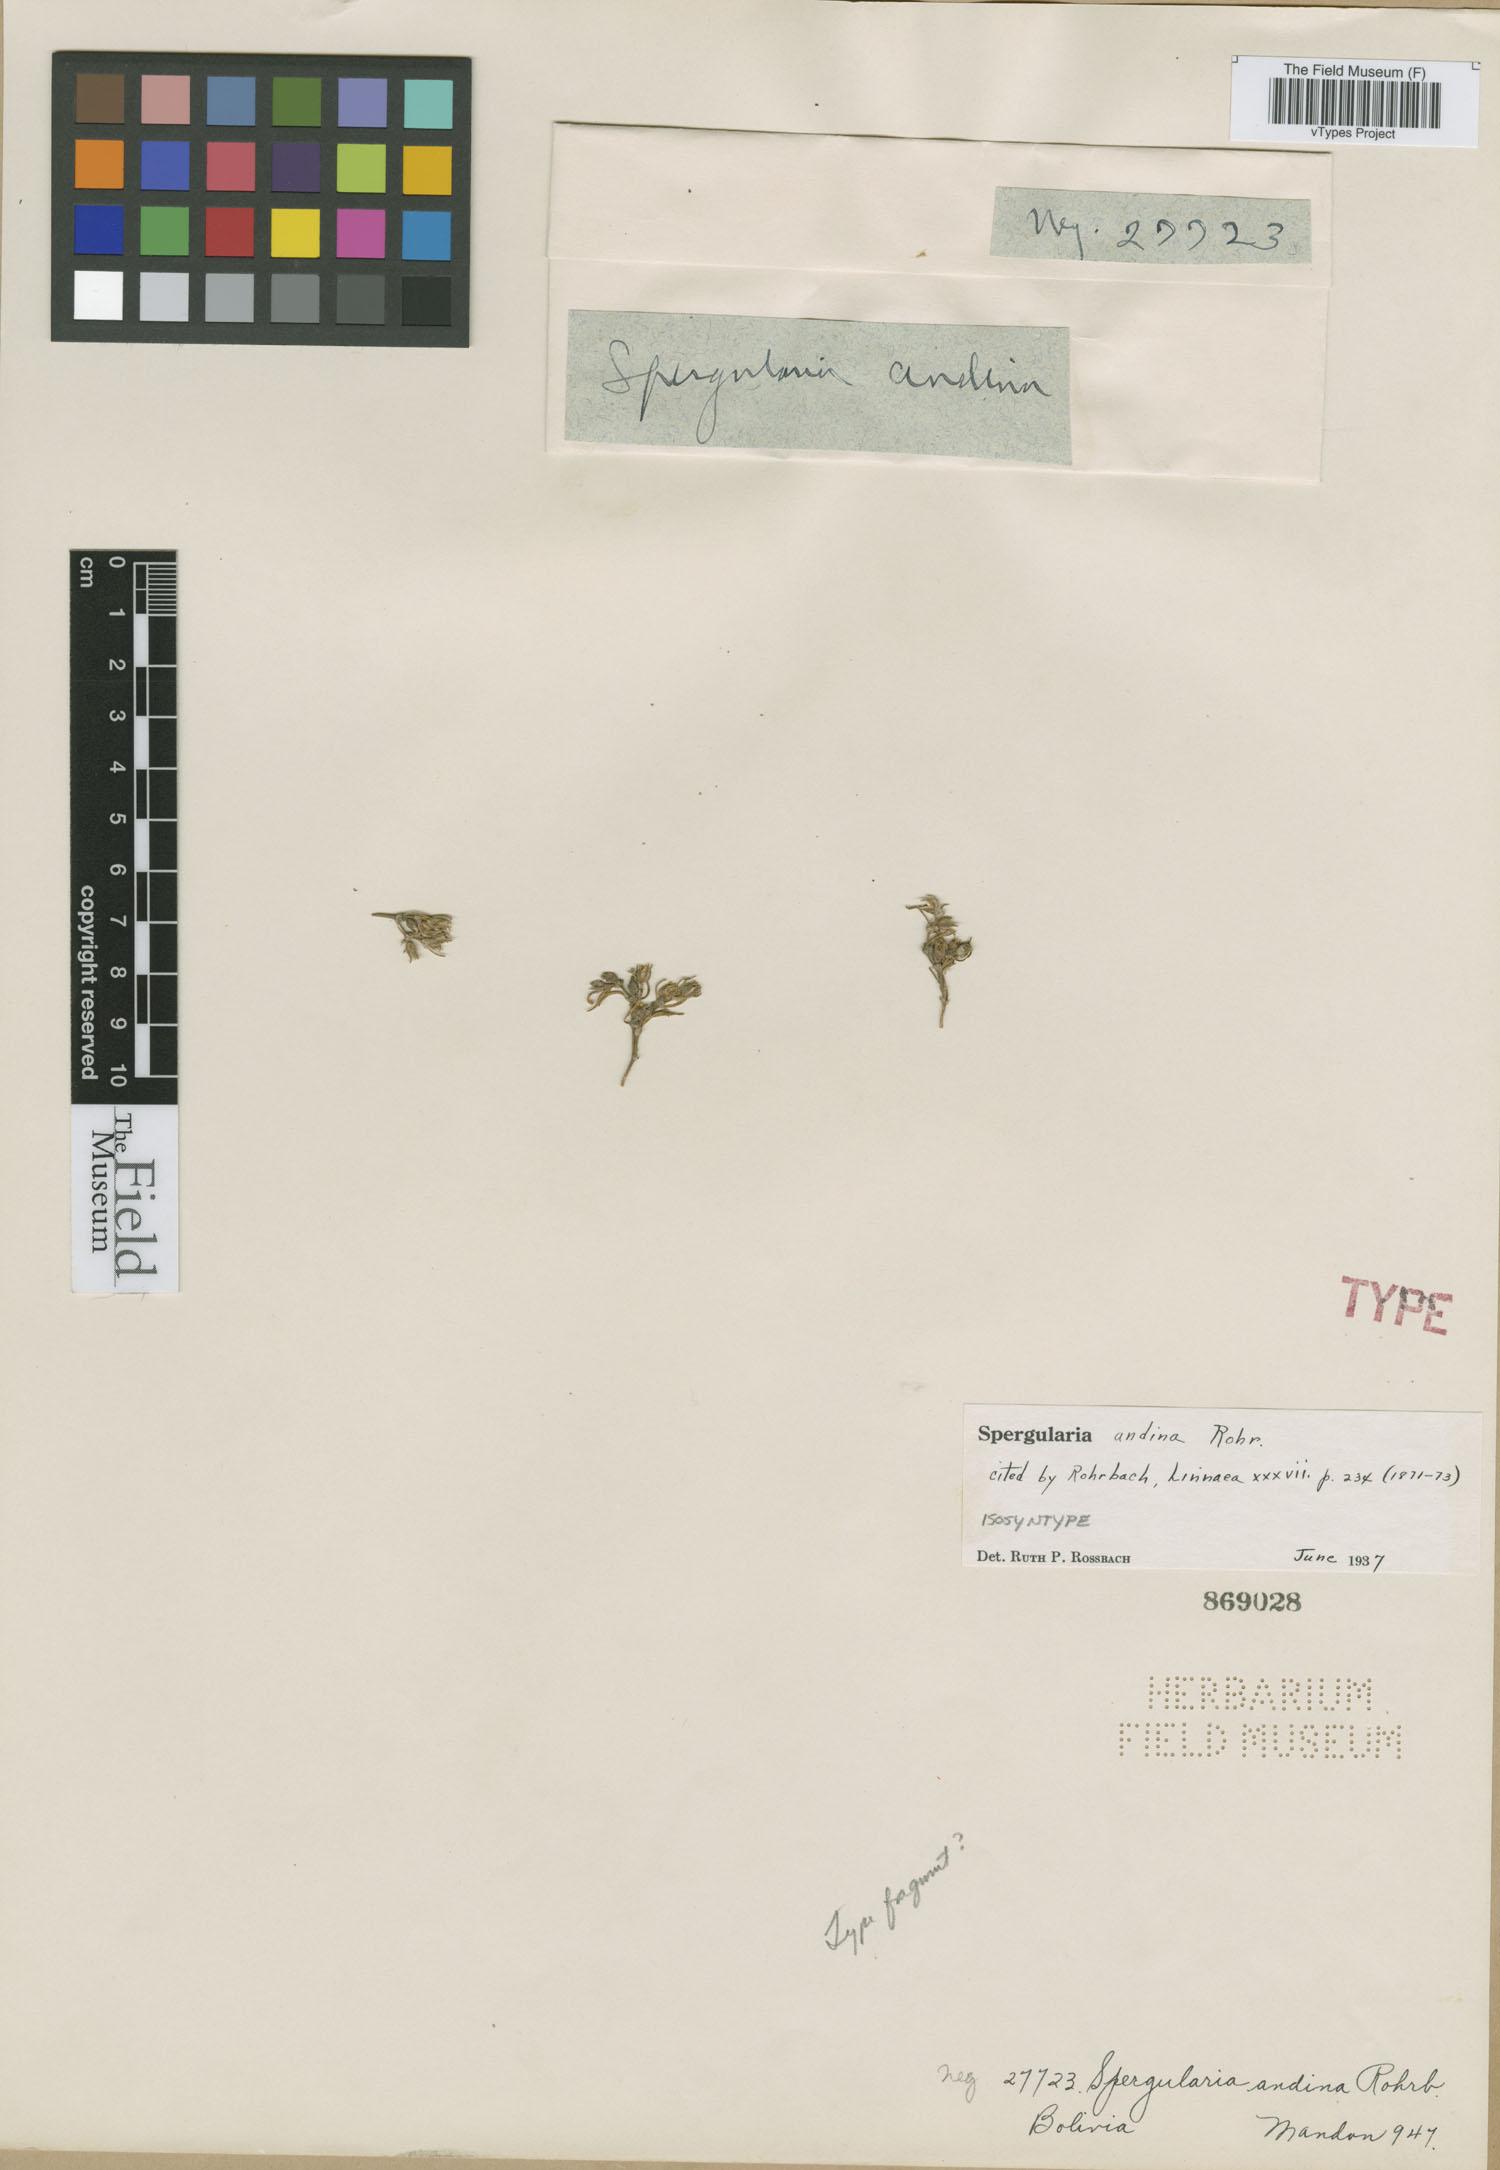 Spergularia andina image